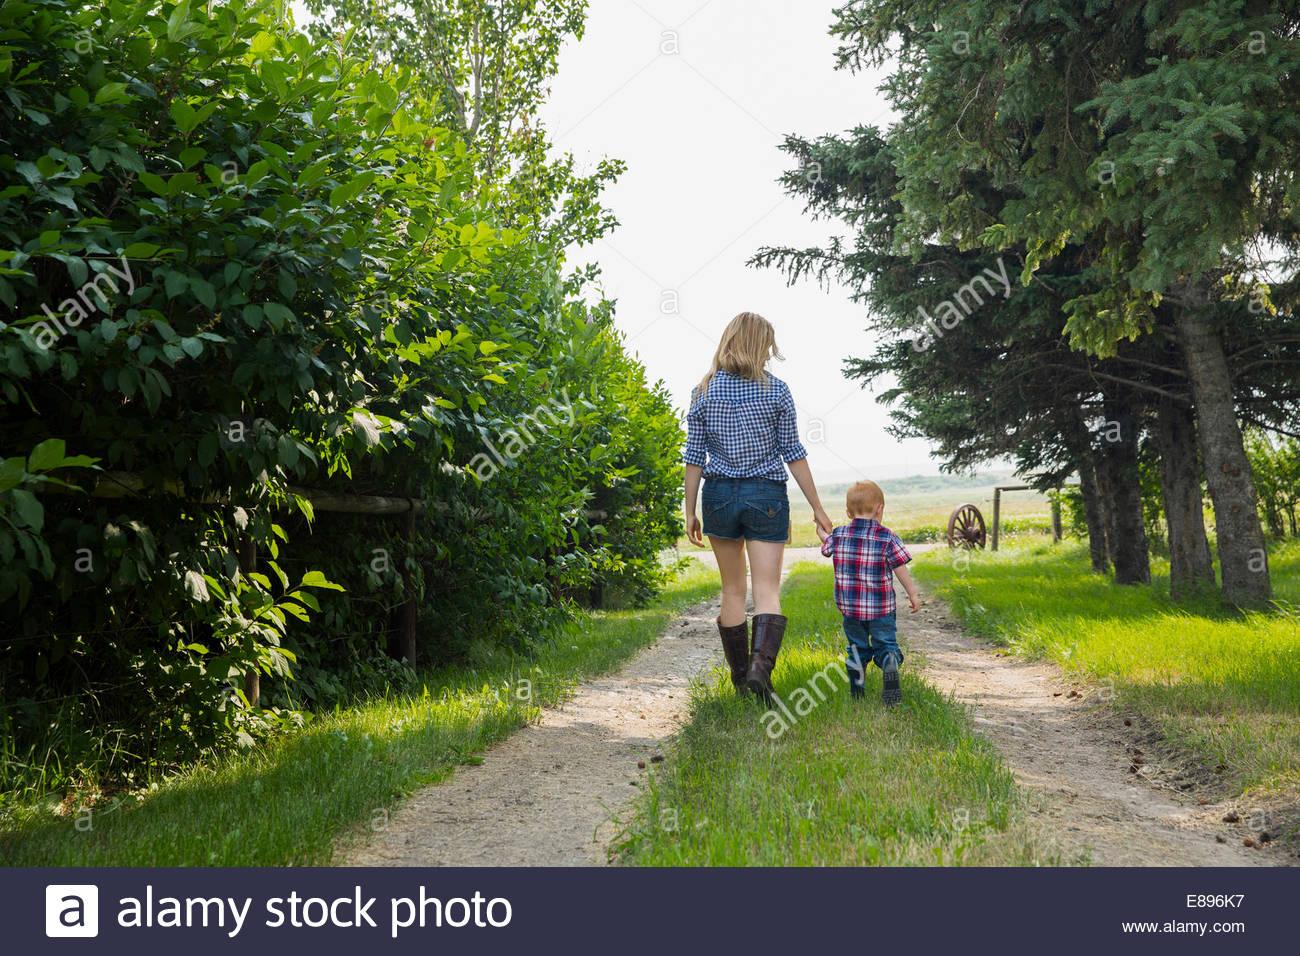 Mutter und Sohn gehen auf Landstraße Stockbild